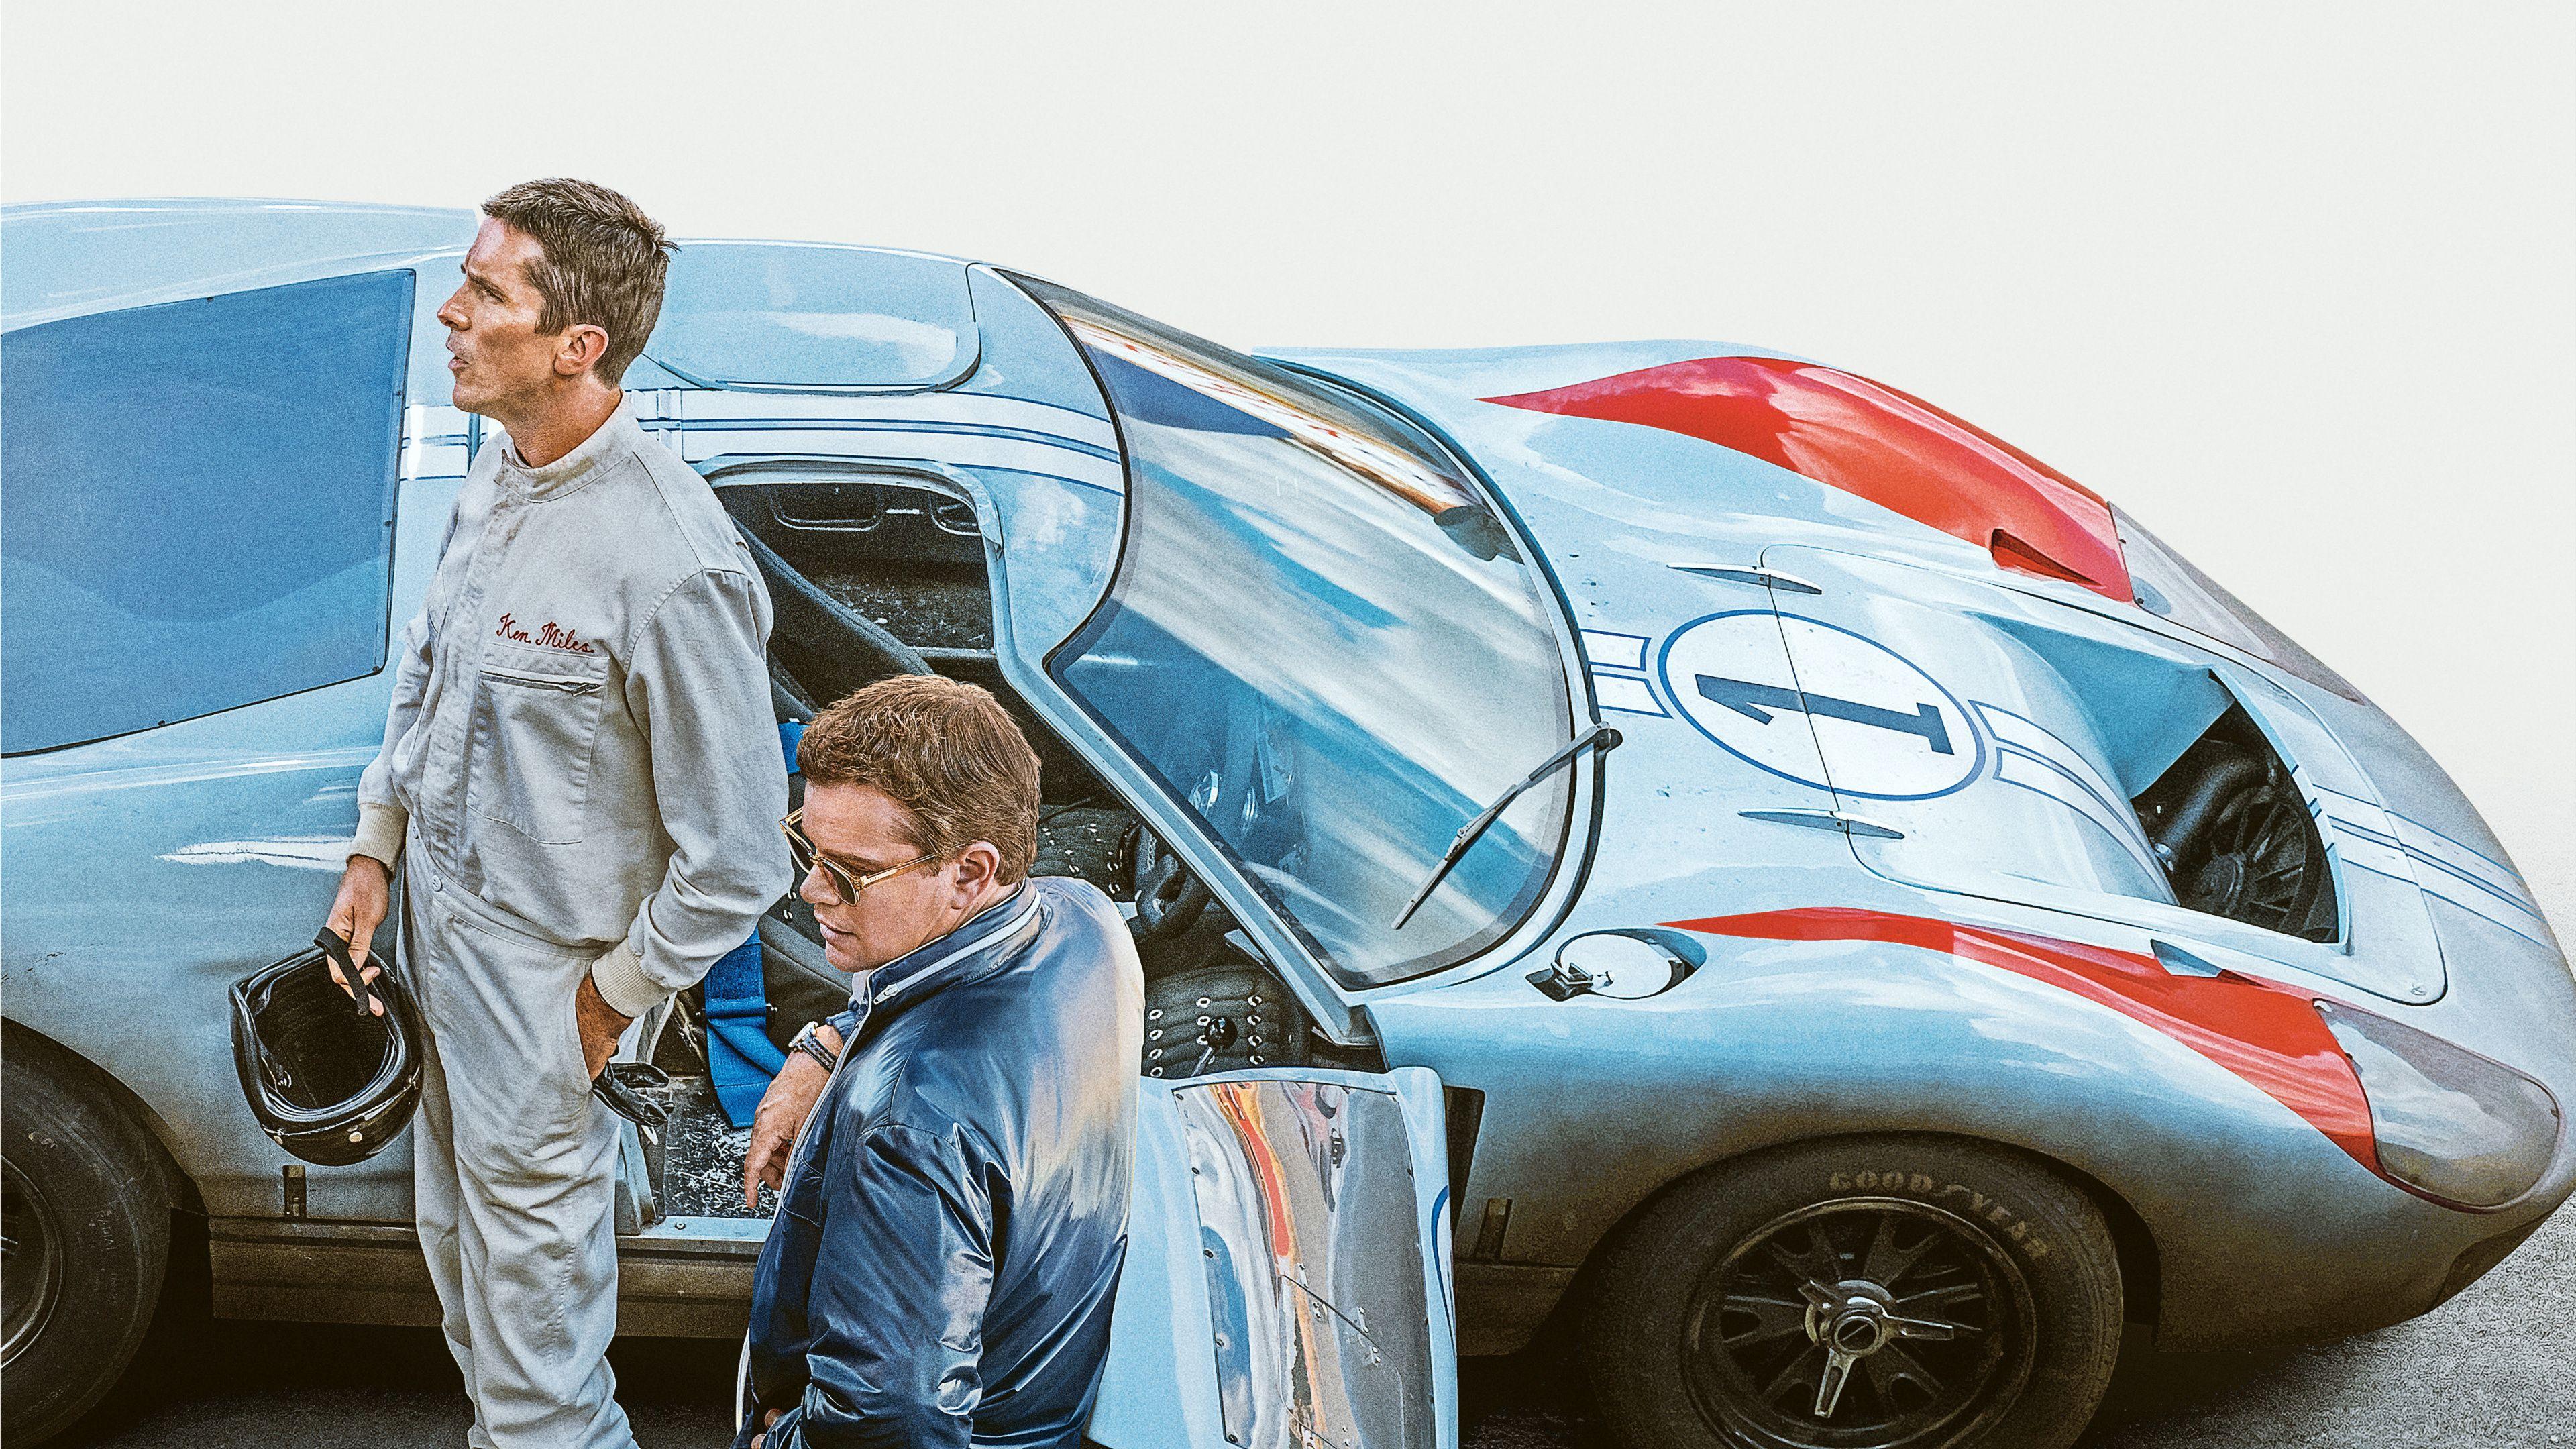 3840x2160 Ford V Ferrari Christian Bale Matt Damon 2019 Movie Wallpaper Ken Miles Ferrari Poster Ferrari